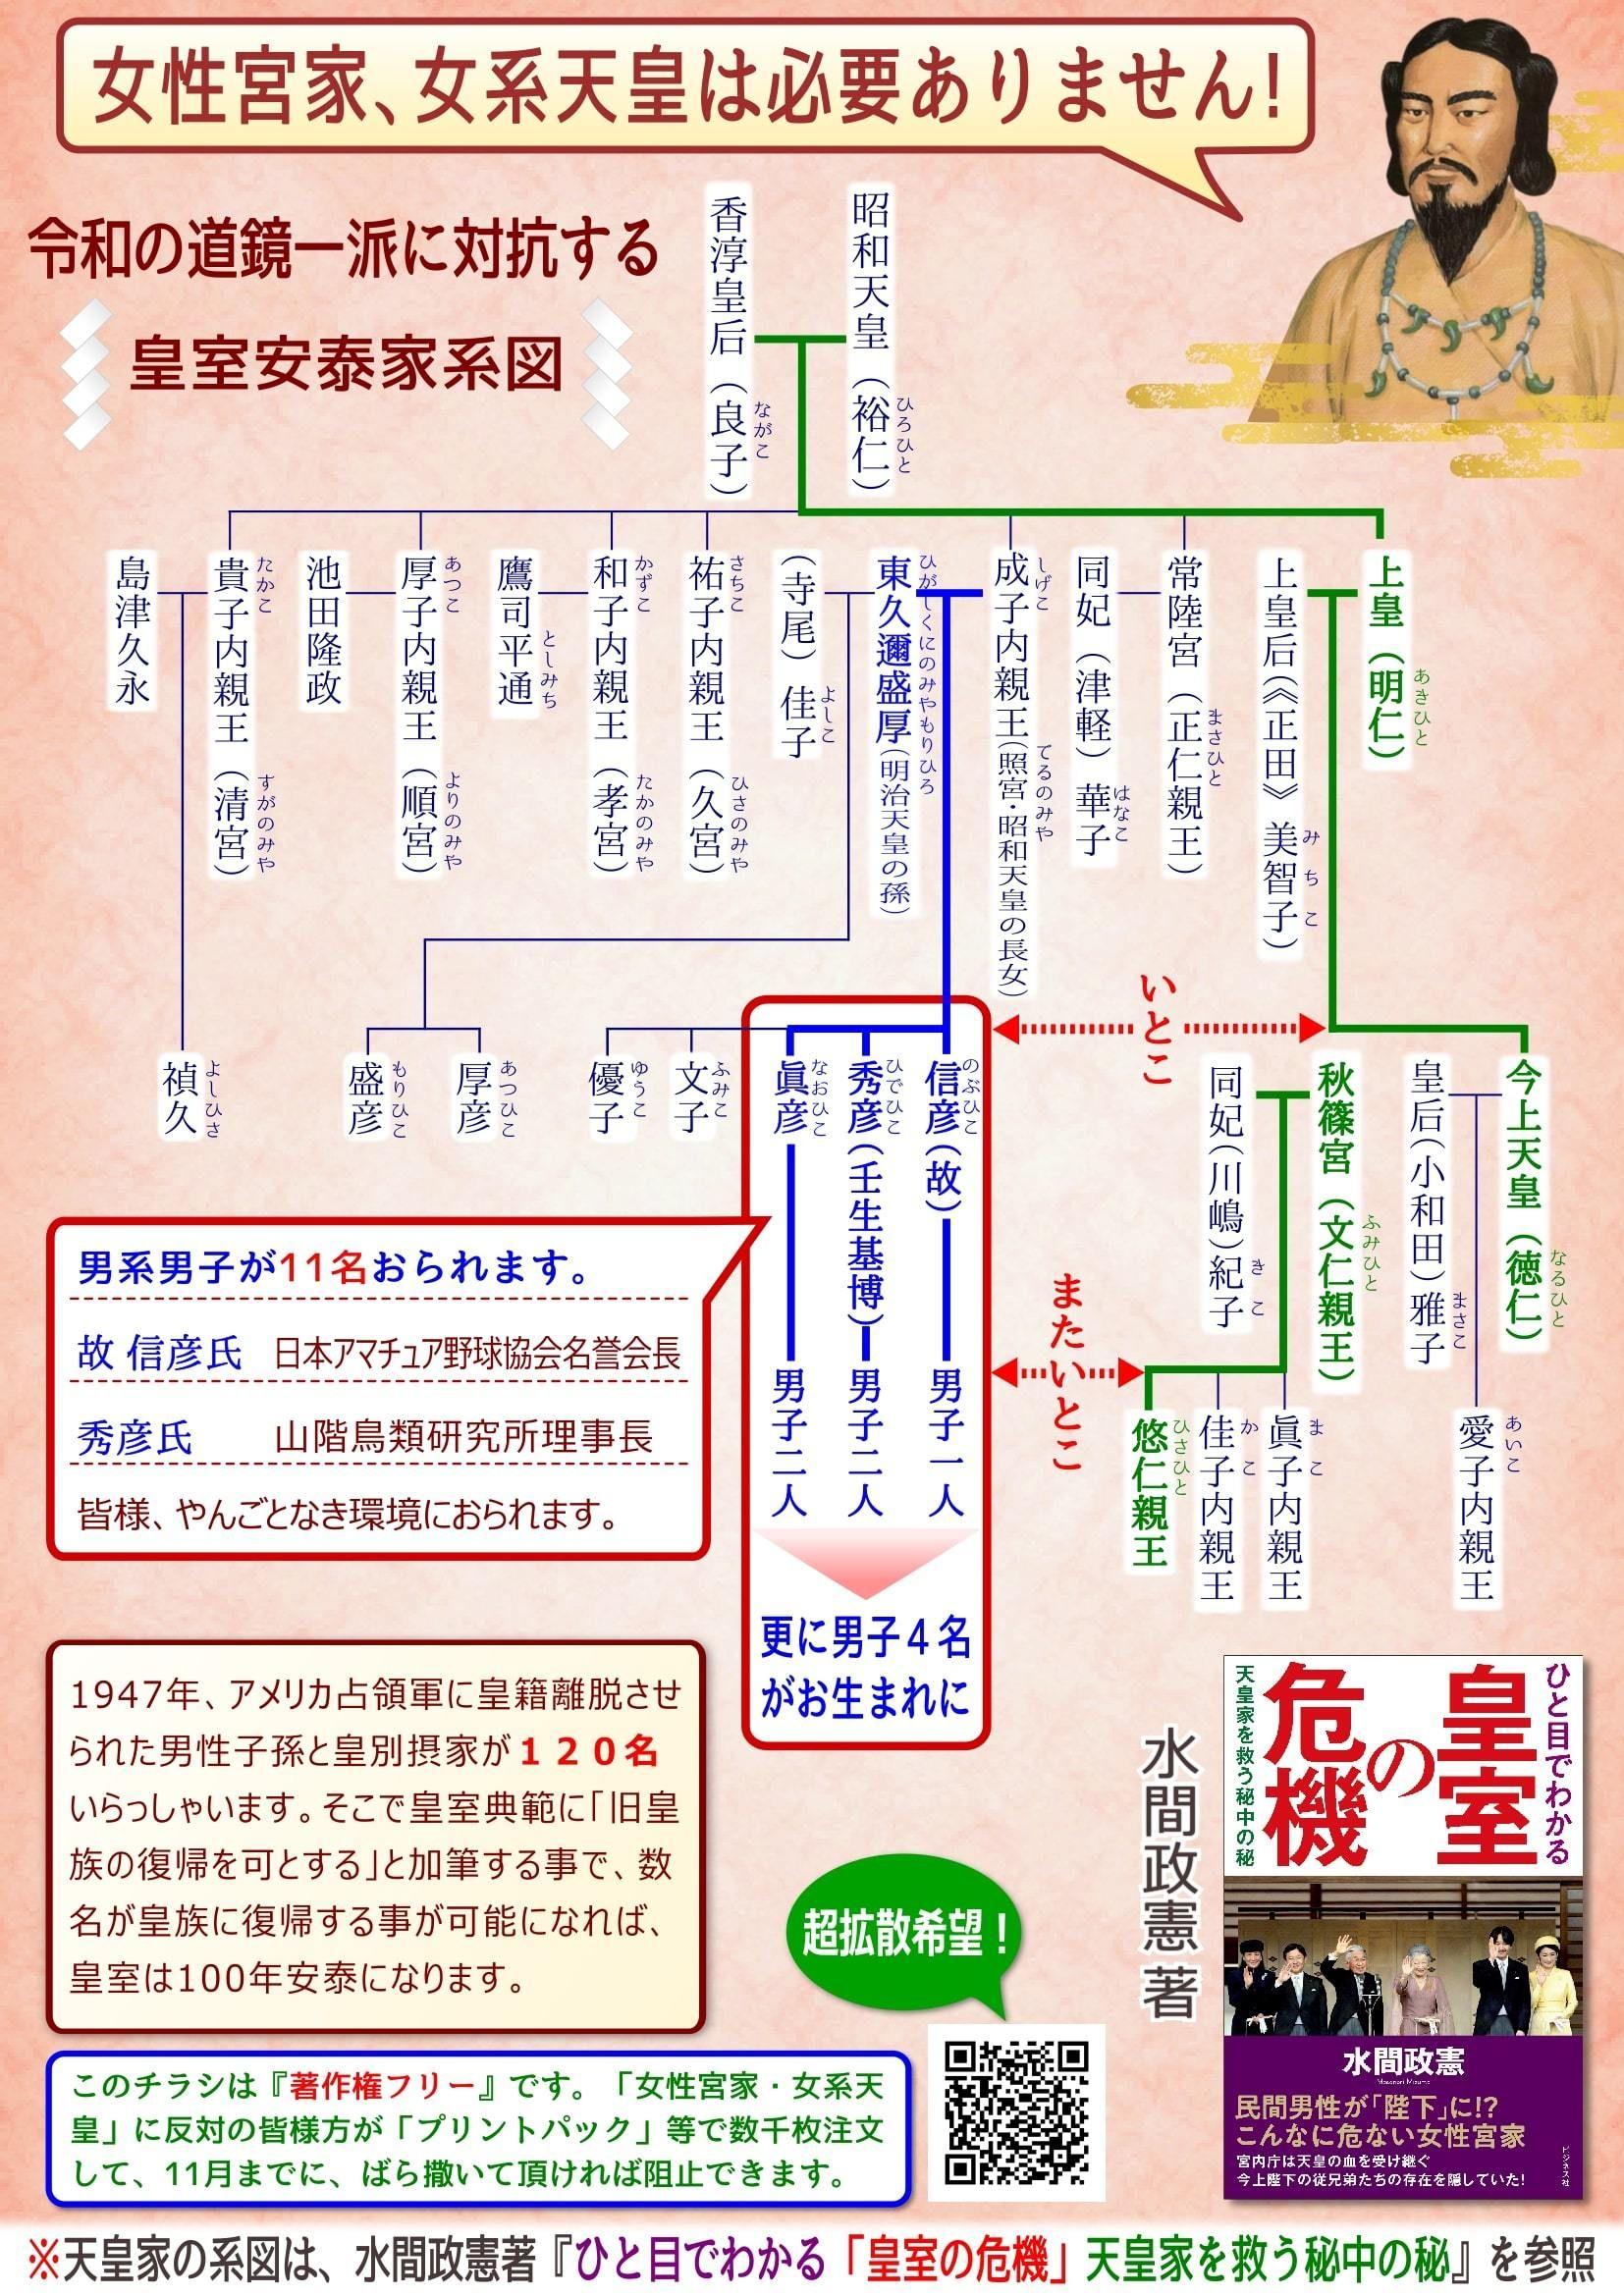 ボード 日本神話 のピン